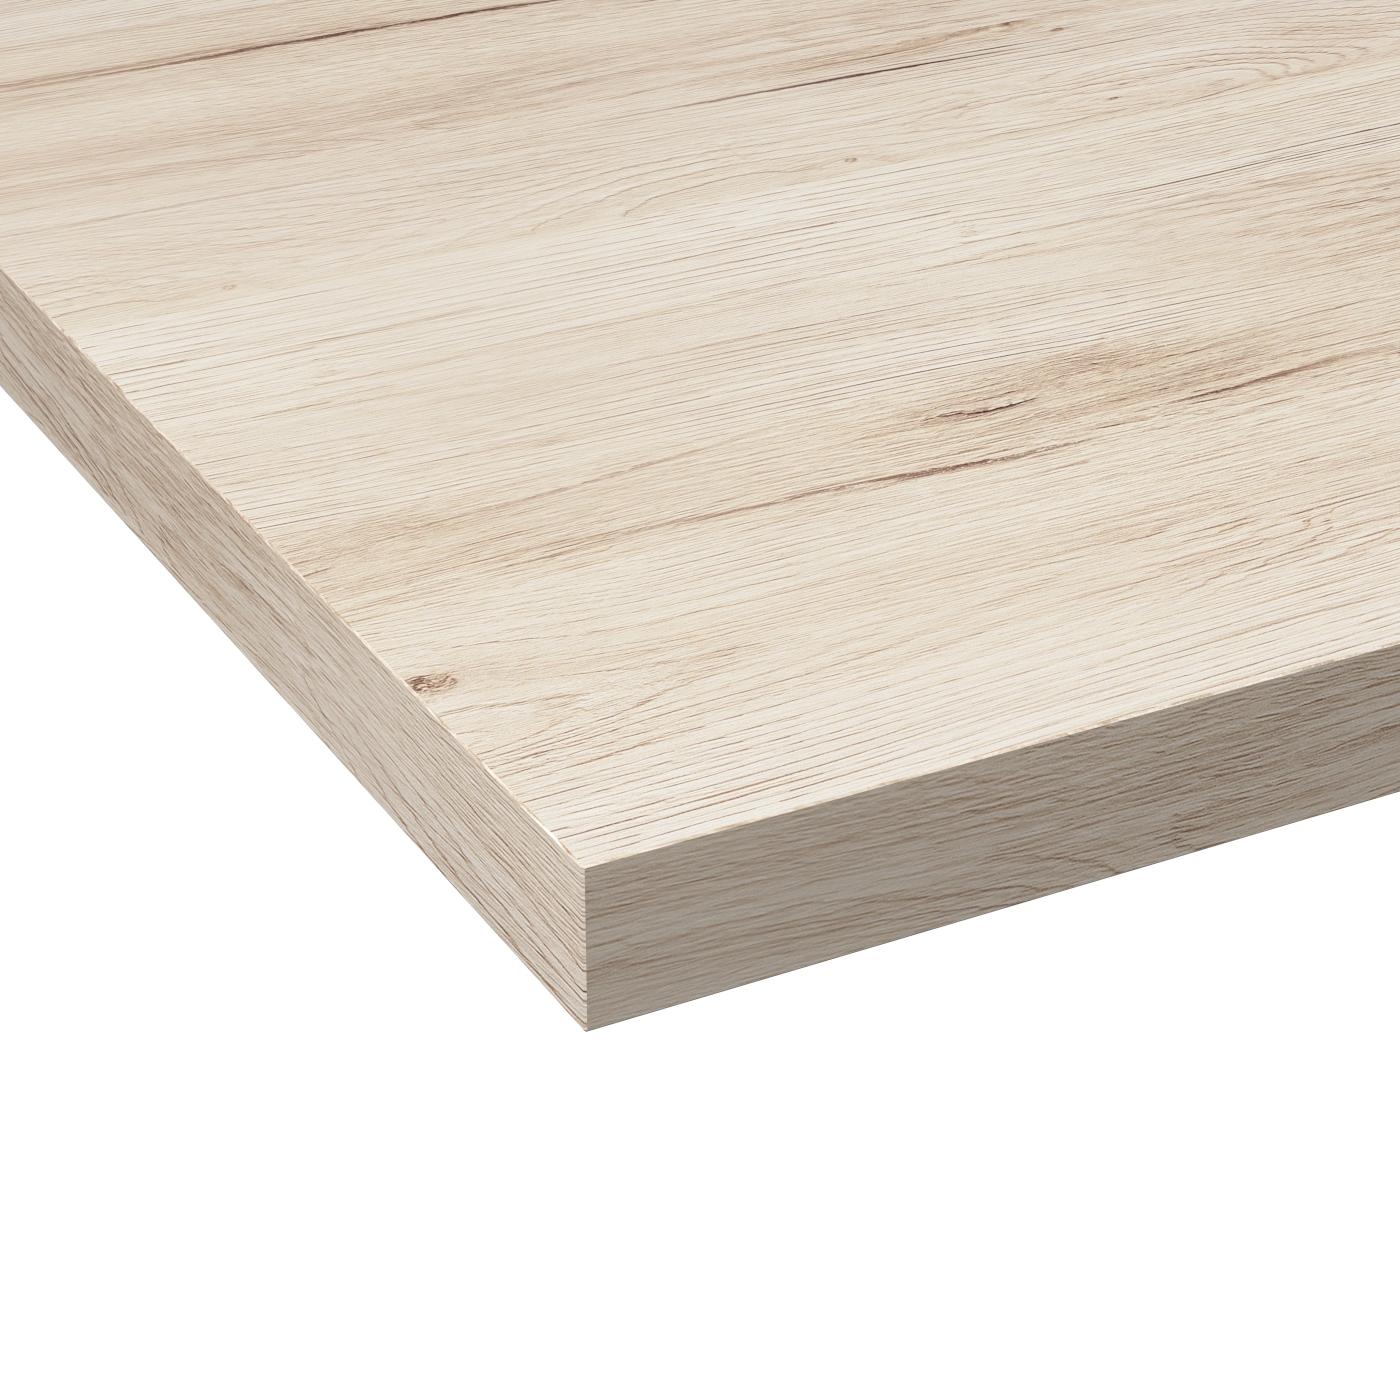 Comment Couper Plan De Travail Stratifié plan de travail cuisine n°213 décor chêne clair ikoro stratifié, chant  coordonné, l204 x l62 x e3.8 cm, planeko